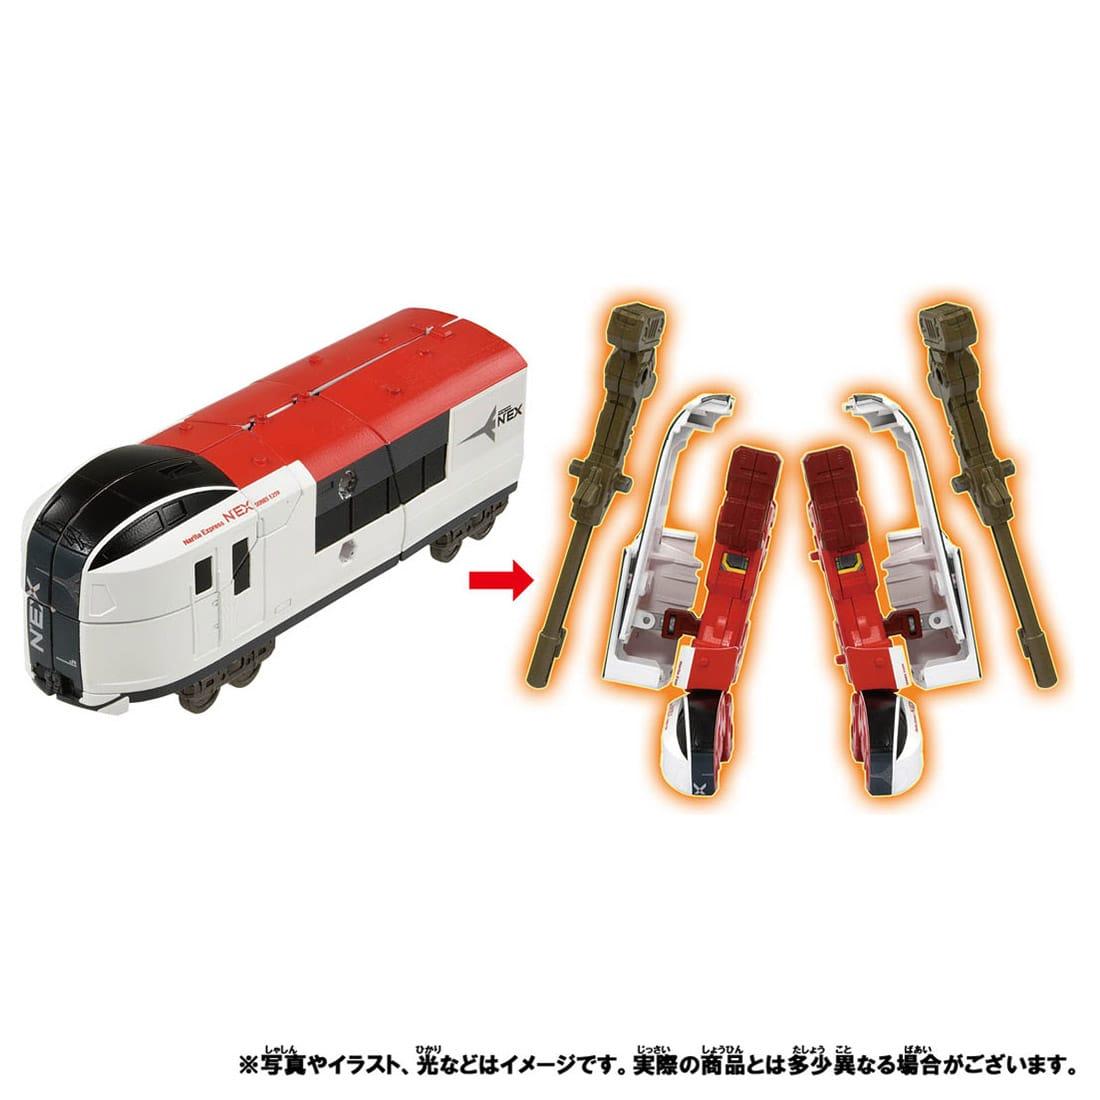 新幹線変形ロボ シンカリオンZ『シンカリオンZ E5ヤマノテセット』可変合体プラレール-017